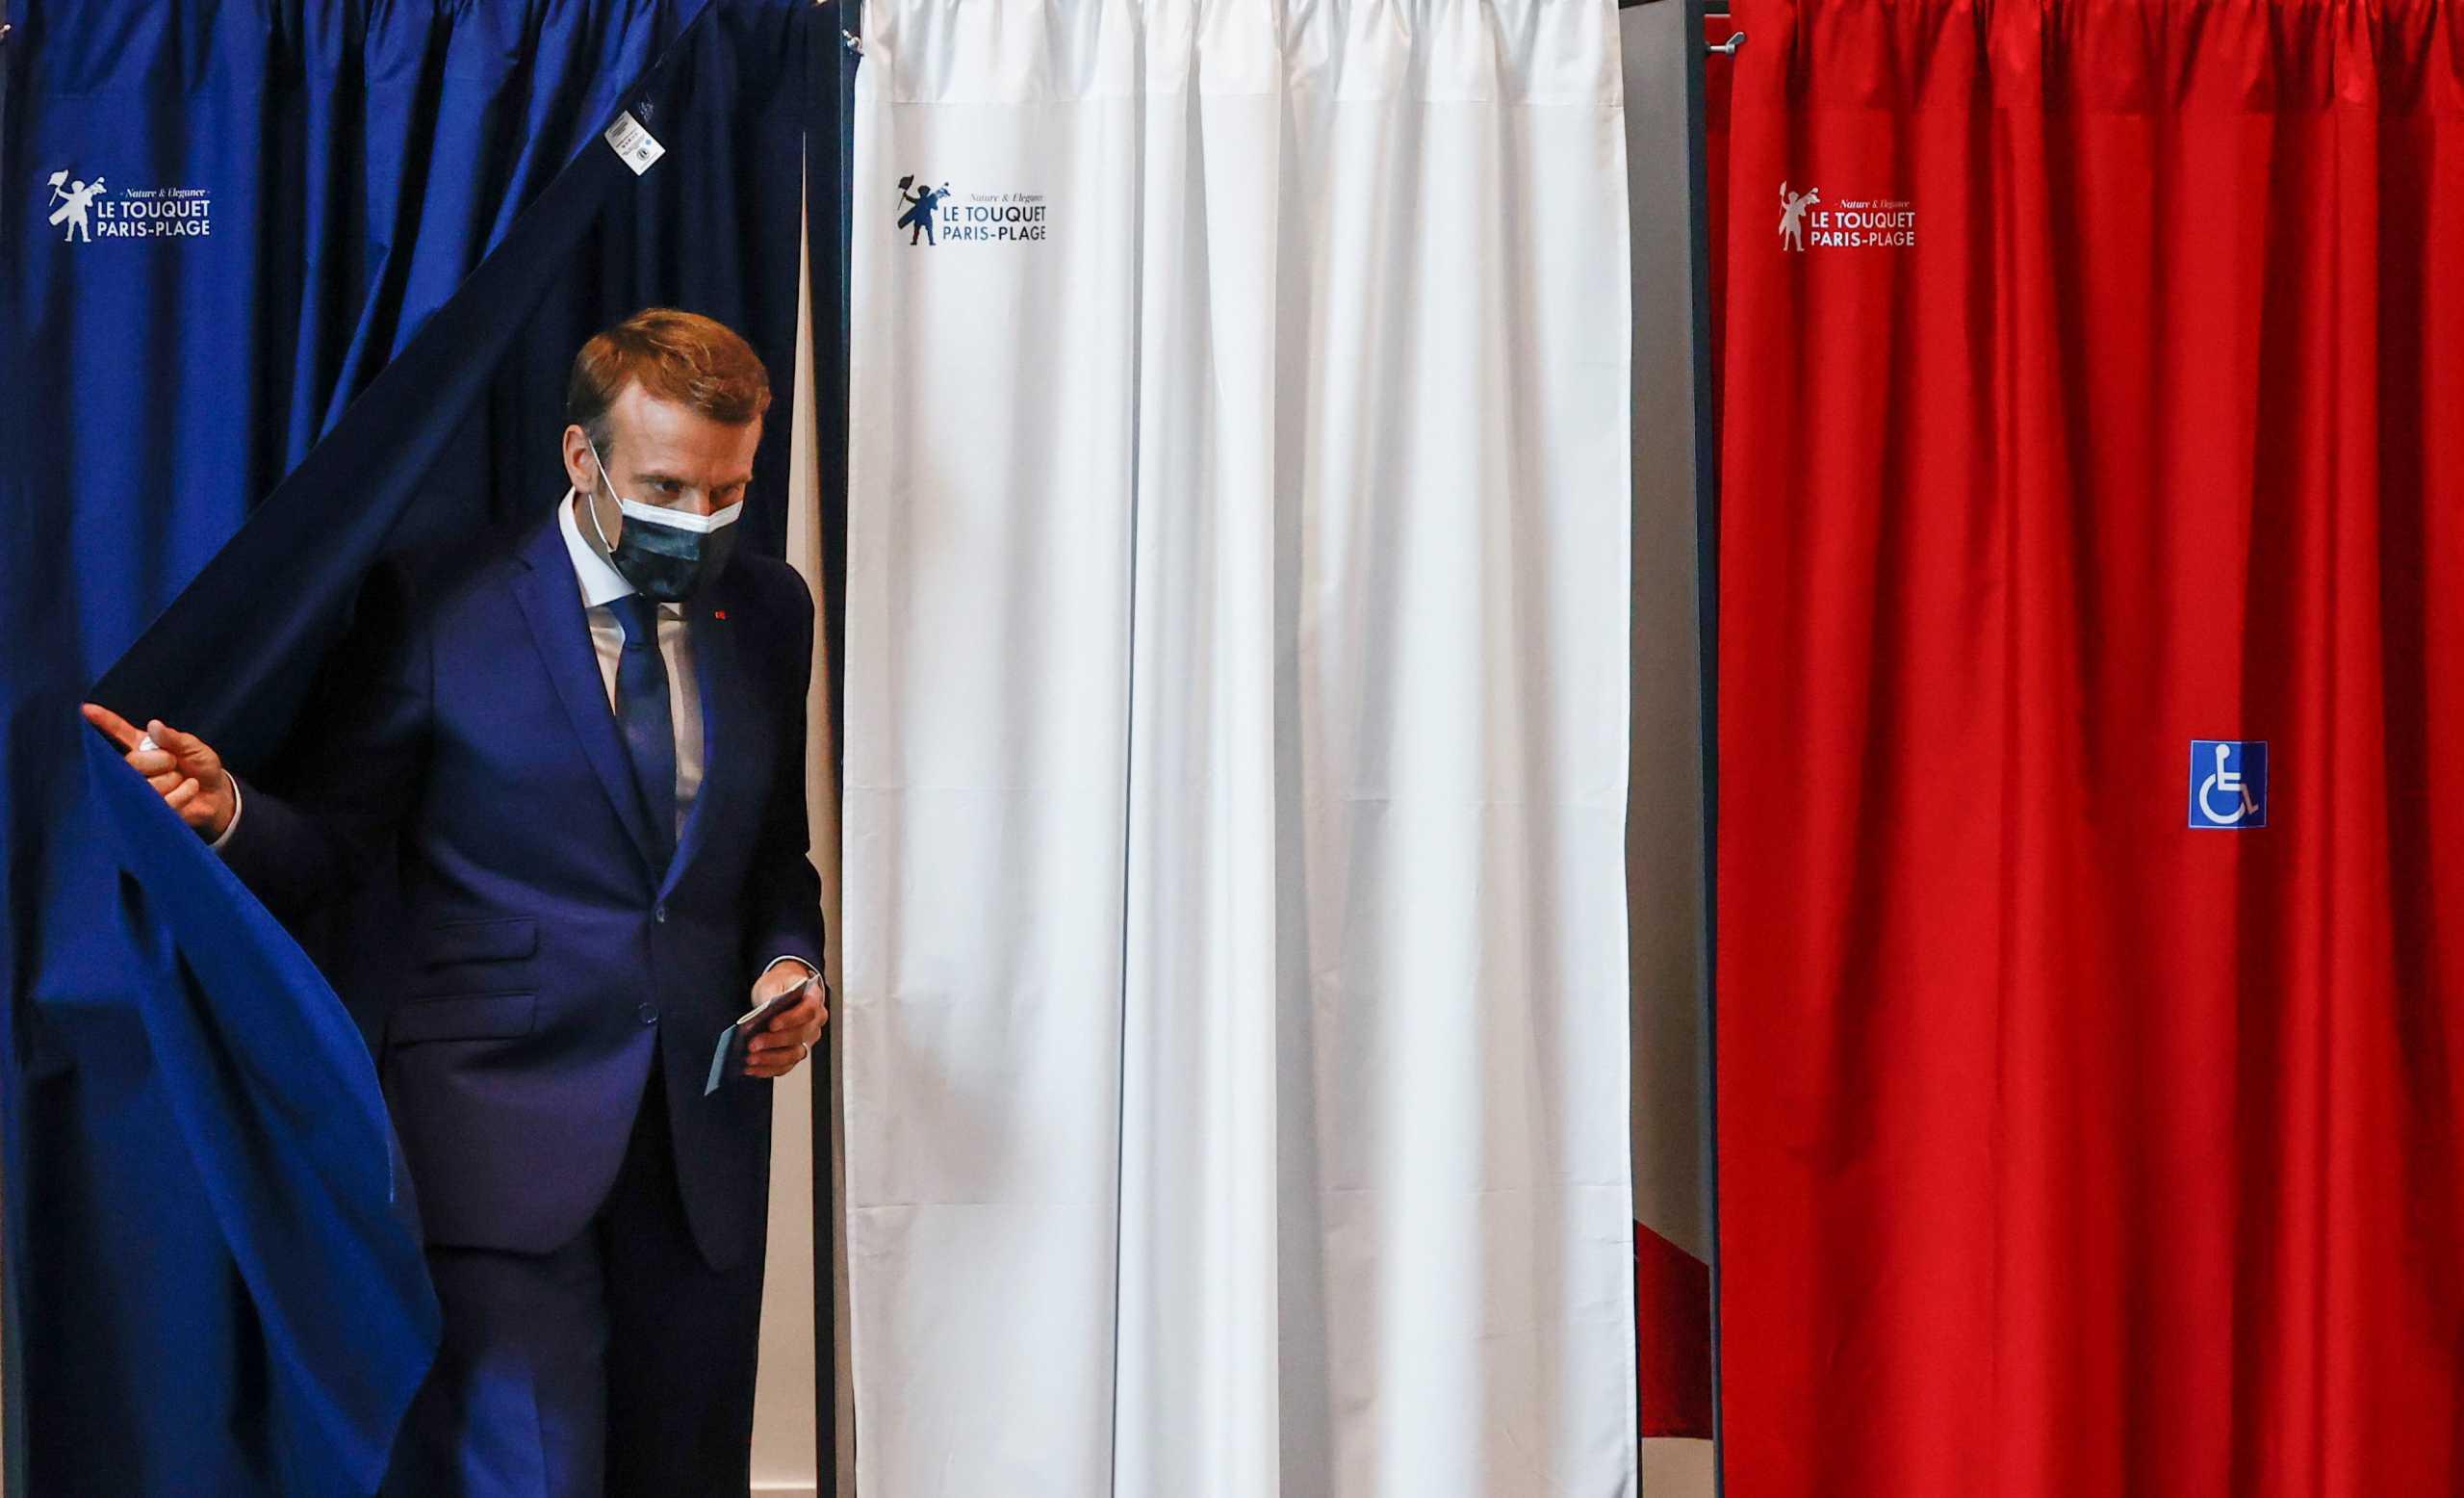 Εκλογές – Γαλλία: Η ακροδεξιά σε pole position – Αναμένεται αποχή ρεκόρ